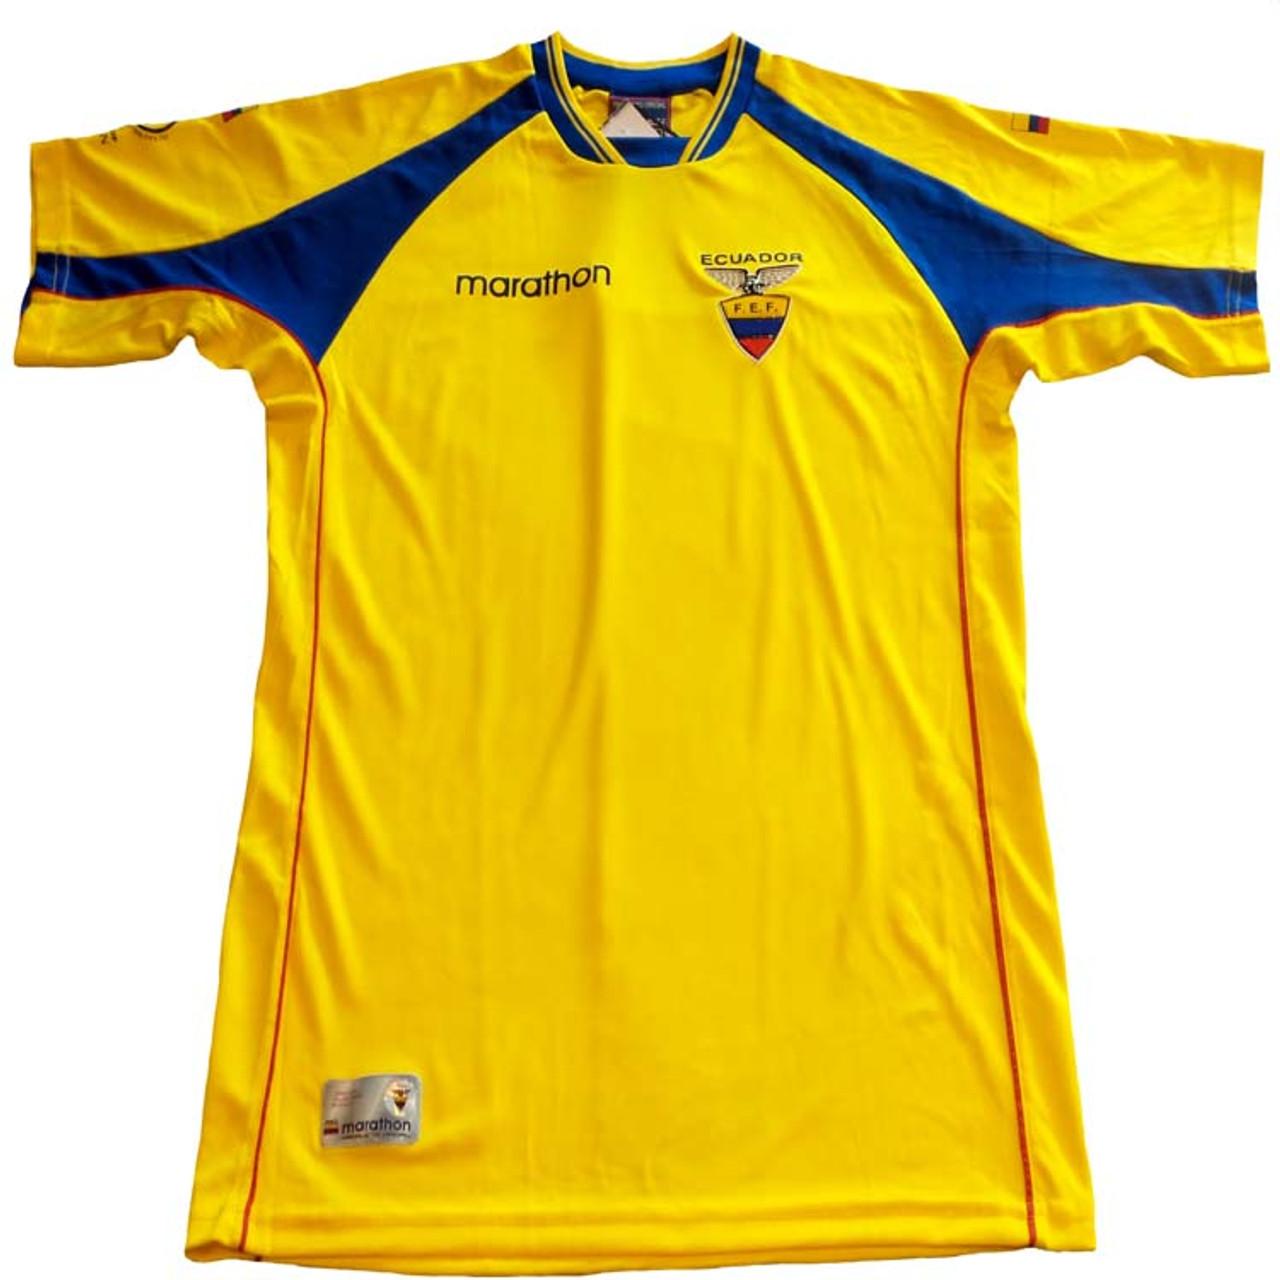 9e09def91eb MARATHON ECUADOR 2002 HOME JERSEY - Soccer Plus